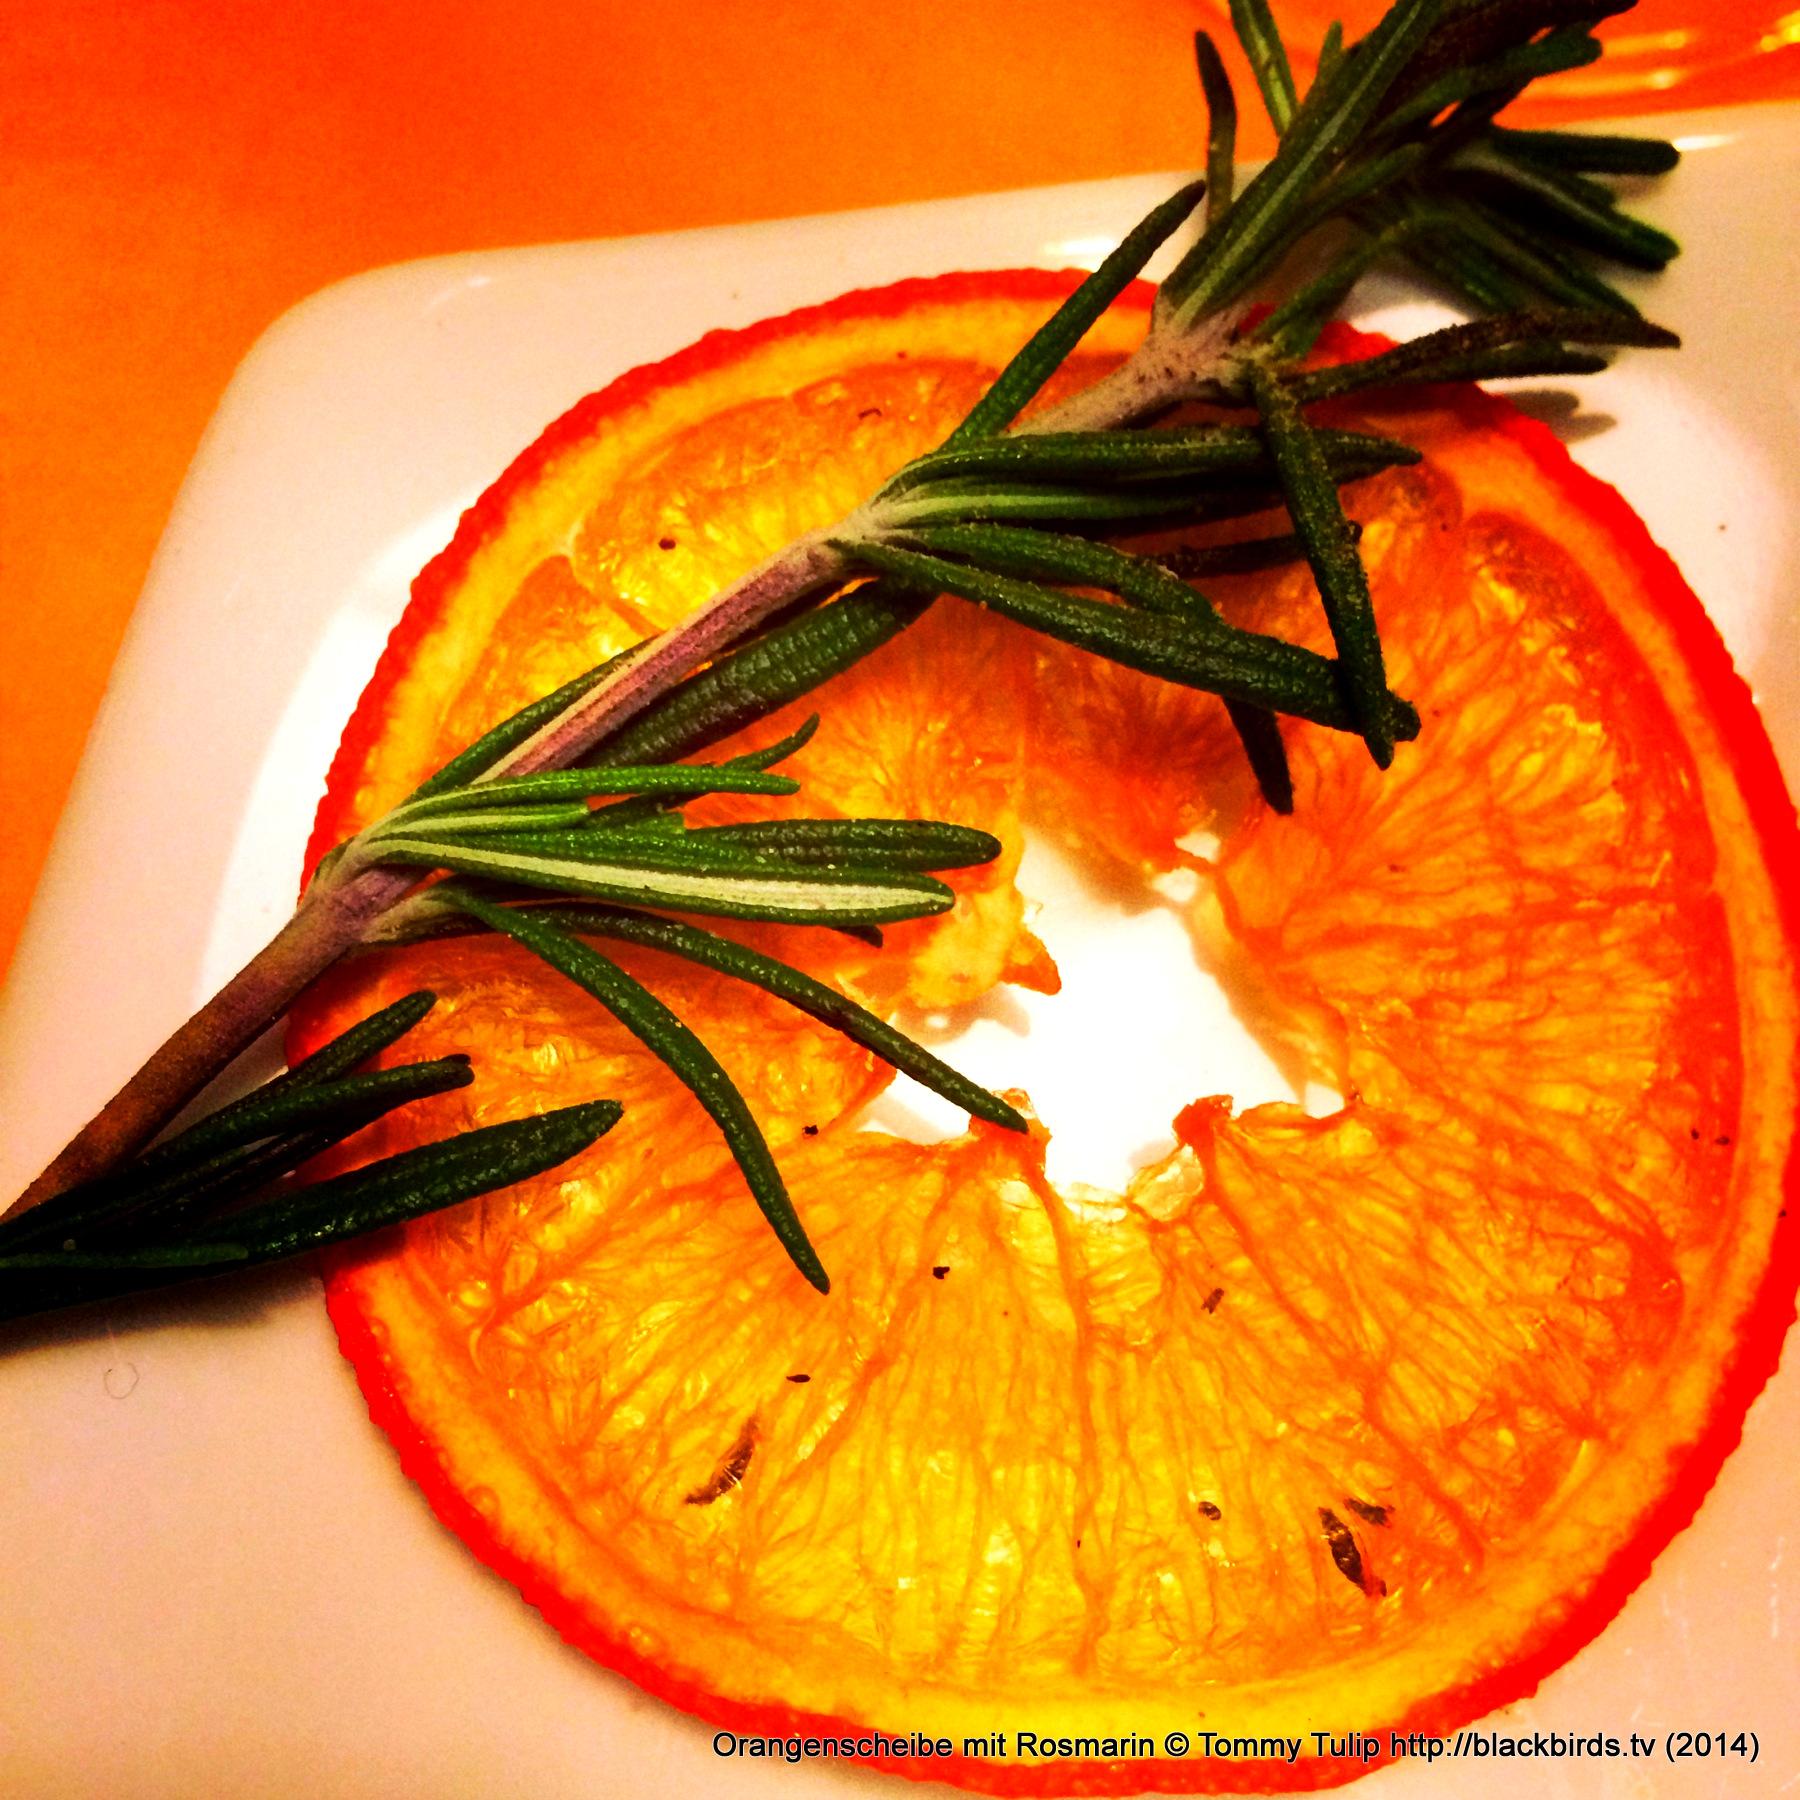 Orangenscheibe mit Rosmarin